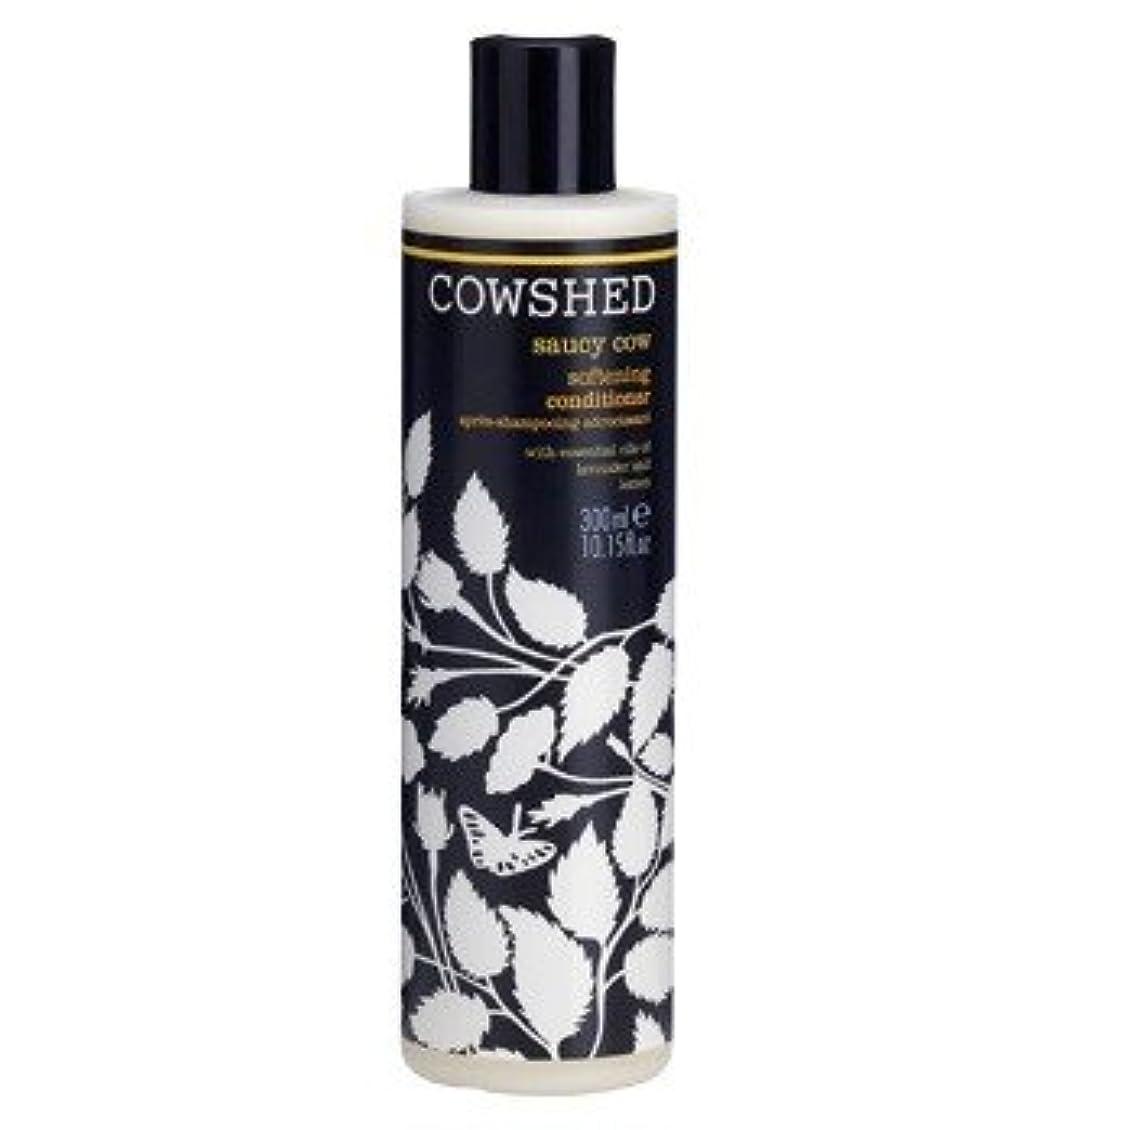 乏しい自伝ポンド牛舎生意気な牛軟化コンディショナー300ミリリットル (Cowshed) (x2) - Cowshed Saucy Cow Softening Conditioner 300ml (Pack of 2) [並行輸入品]